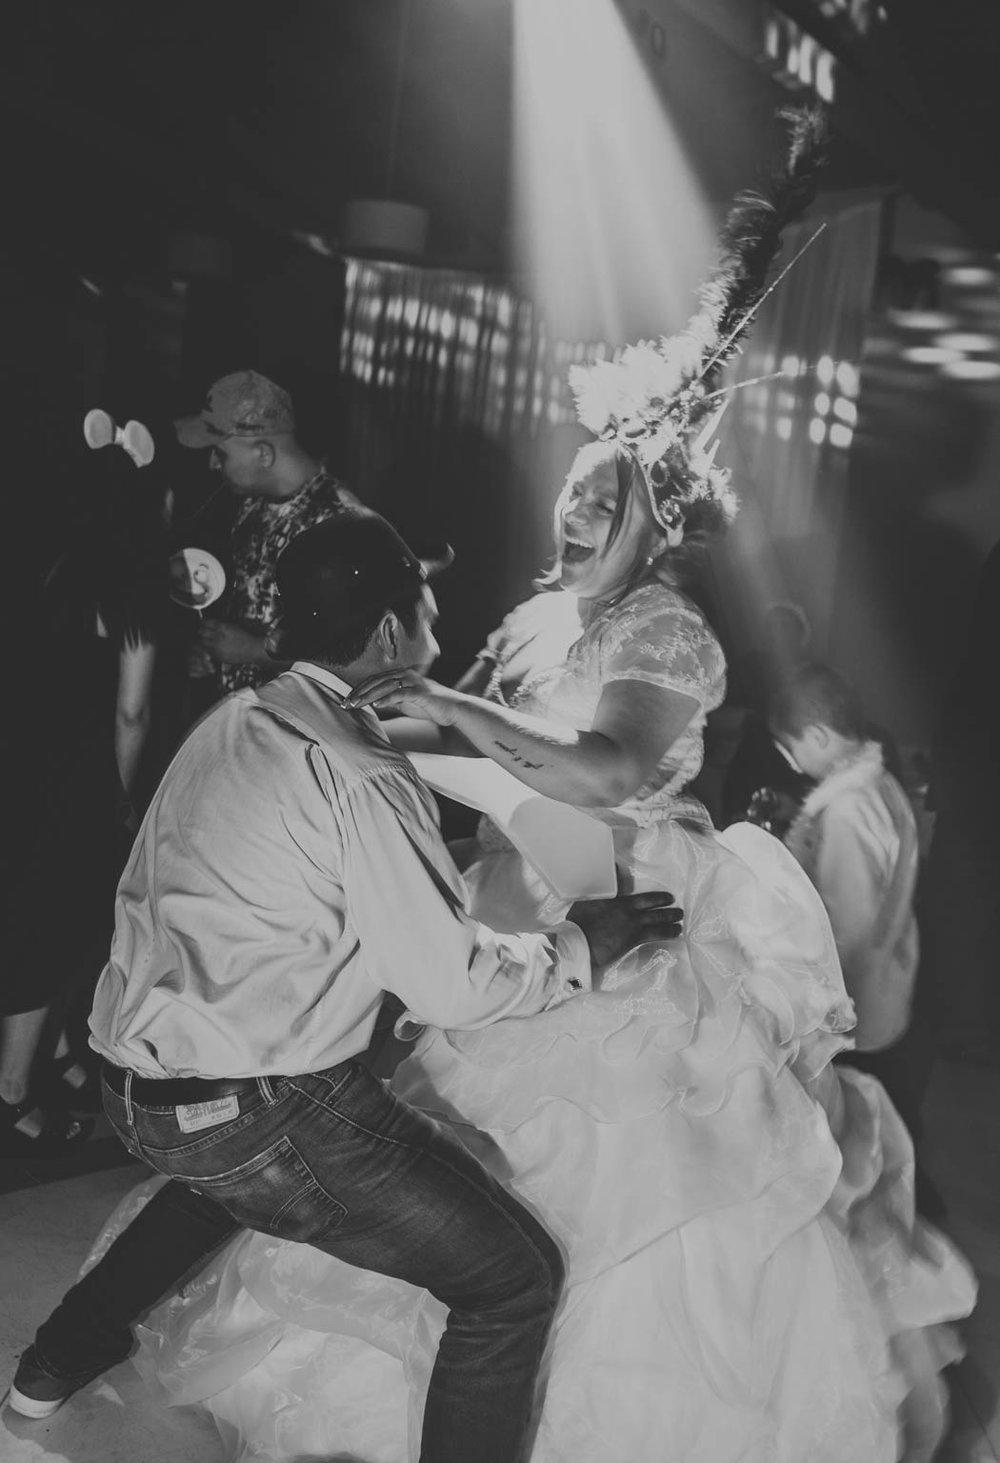 EL DÍA DE LA BODA                                    Siempre acompañamos la preparación de la novia y del novio para captar esos momentos. Recomendamos que la novia esté pronta 40 minutos antes de la ceremonia para poder fotografiarla con tiempo. Nos gusta generar una situación cómoda para poder captarla como en verdad es, sin poses estructuradas en un ambiente divertido. La llegada de la novia a la ceremonia es un momento súper importante. Buscamos pasar desapercibidos y así dar prioridad al momento íntimo de la pareja, ese primer cruce de miradas. Cuanto más natural sea este momento, mejores fotos lograremos.Una vez terminada la ceremonia nos dirigimos al salón. En este momento recomendamos realizar las fotos de los recién casados lo antes posible para luego pasar a las fotos familiares. Personalmente preferimos que sean con familiares cercanos y los más amigos, así es breve y pueden disfrutar de la gran noche, nadie quiere perder una hora en esto.Luego comienza la fiesta y todo es mas fácil y divertido. En la fiesta mantenemos el estilo de documentación, es decir, no pedimos fotos, las generamos. Estamos cerca de la pareja todo el tiempo, ¡somos parte de la celebración! -